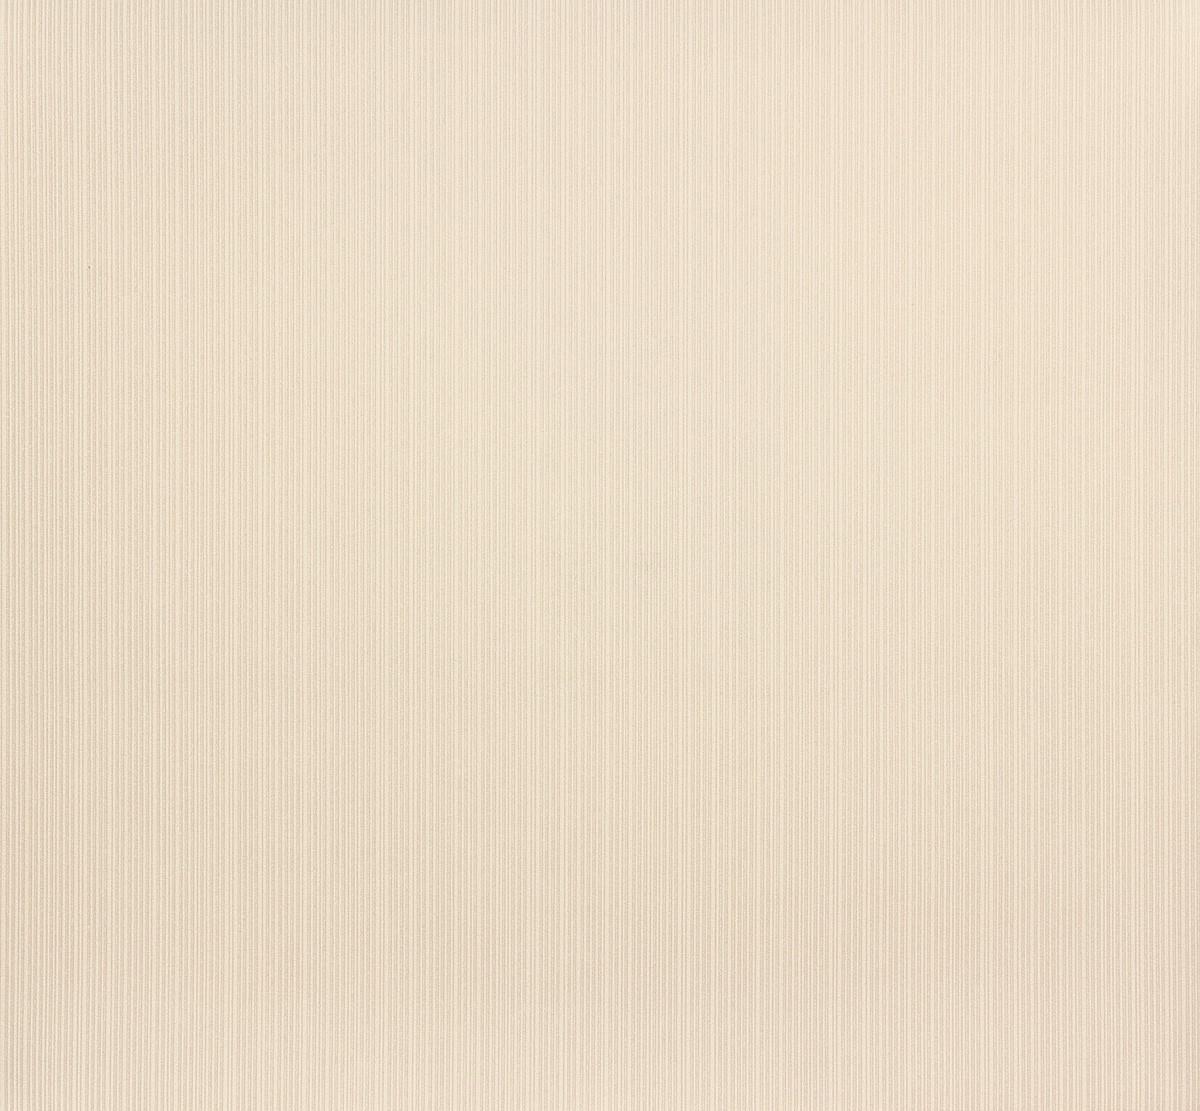 Tapete vlies streifen beige as creation raffi 2 30196 2 2 for Tapete streifen beige